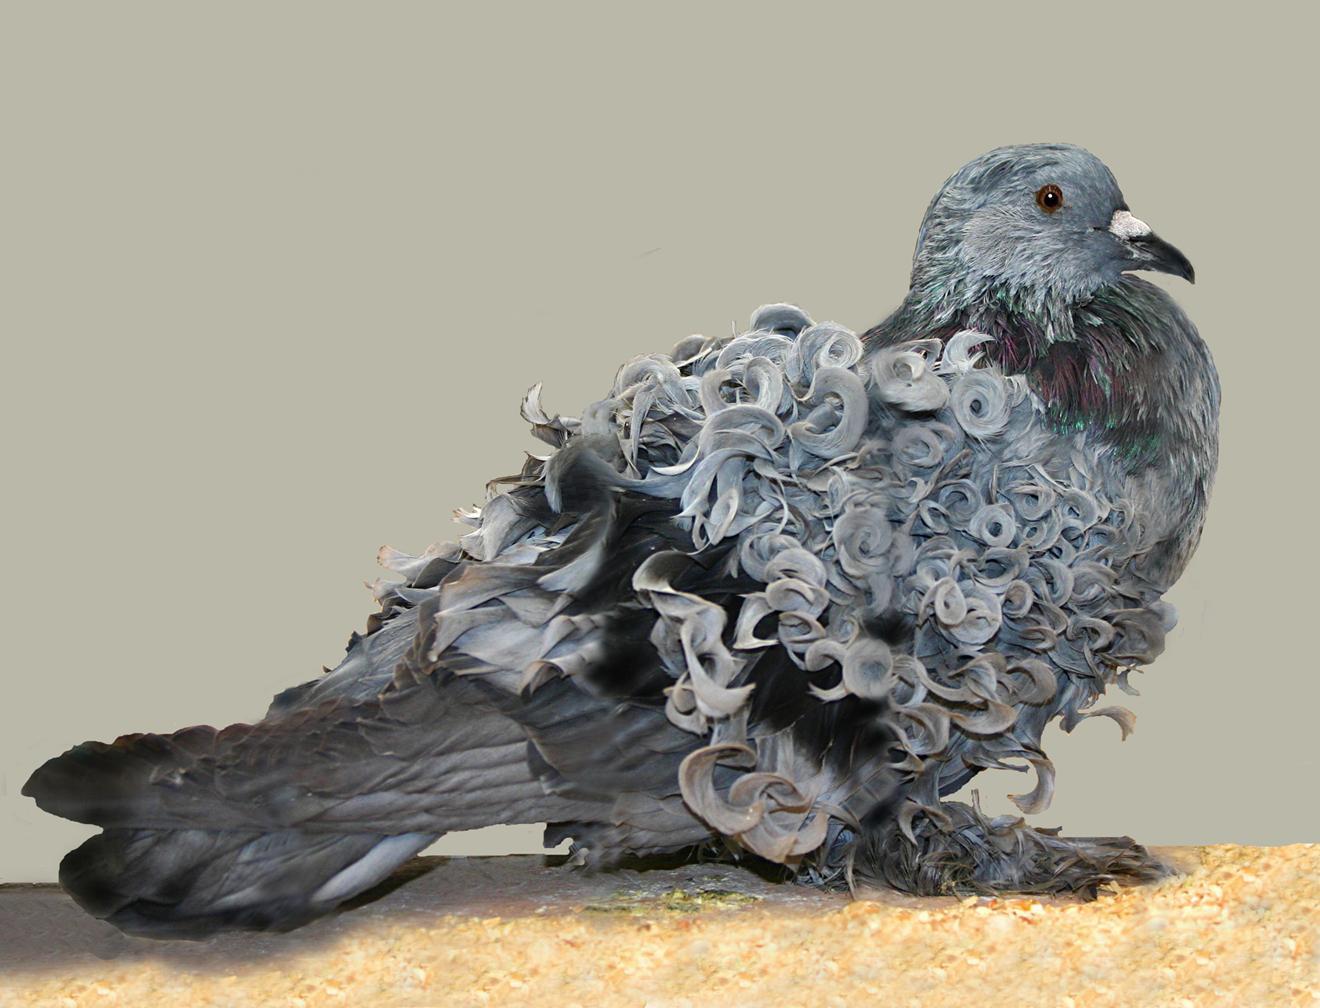 Фото декоративного сизого голубя